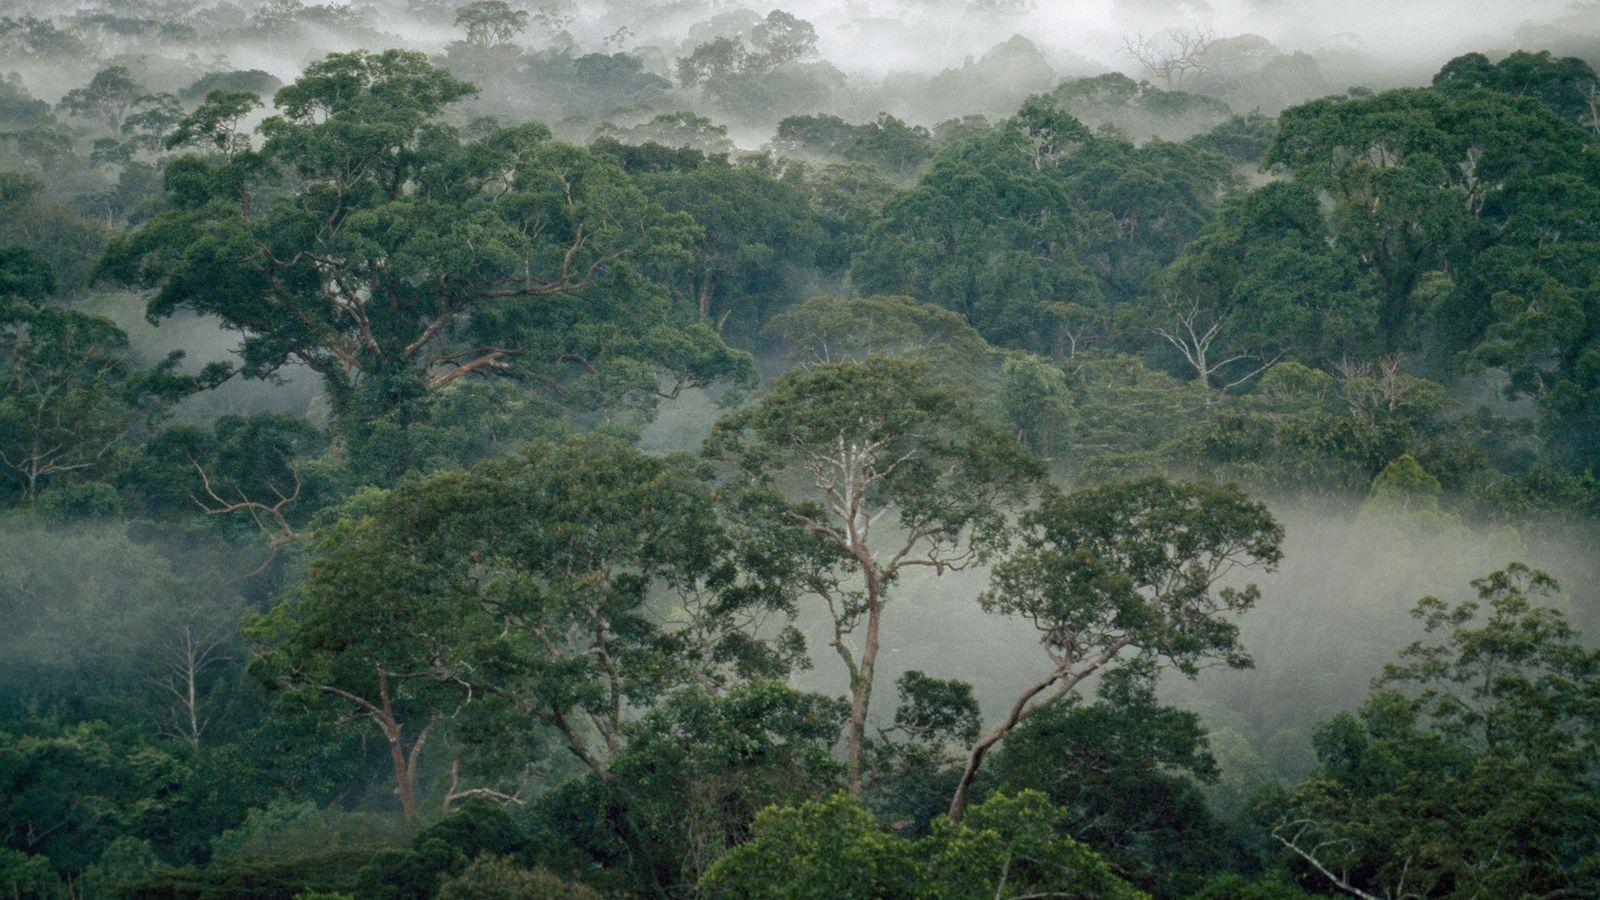 Árvores em meio à neblina da floresta equatorial no Parque Nacional de Gunung Palung, na Ilha ...